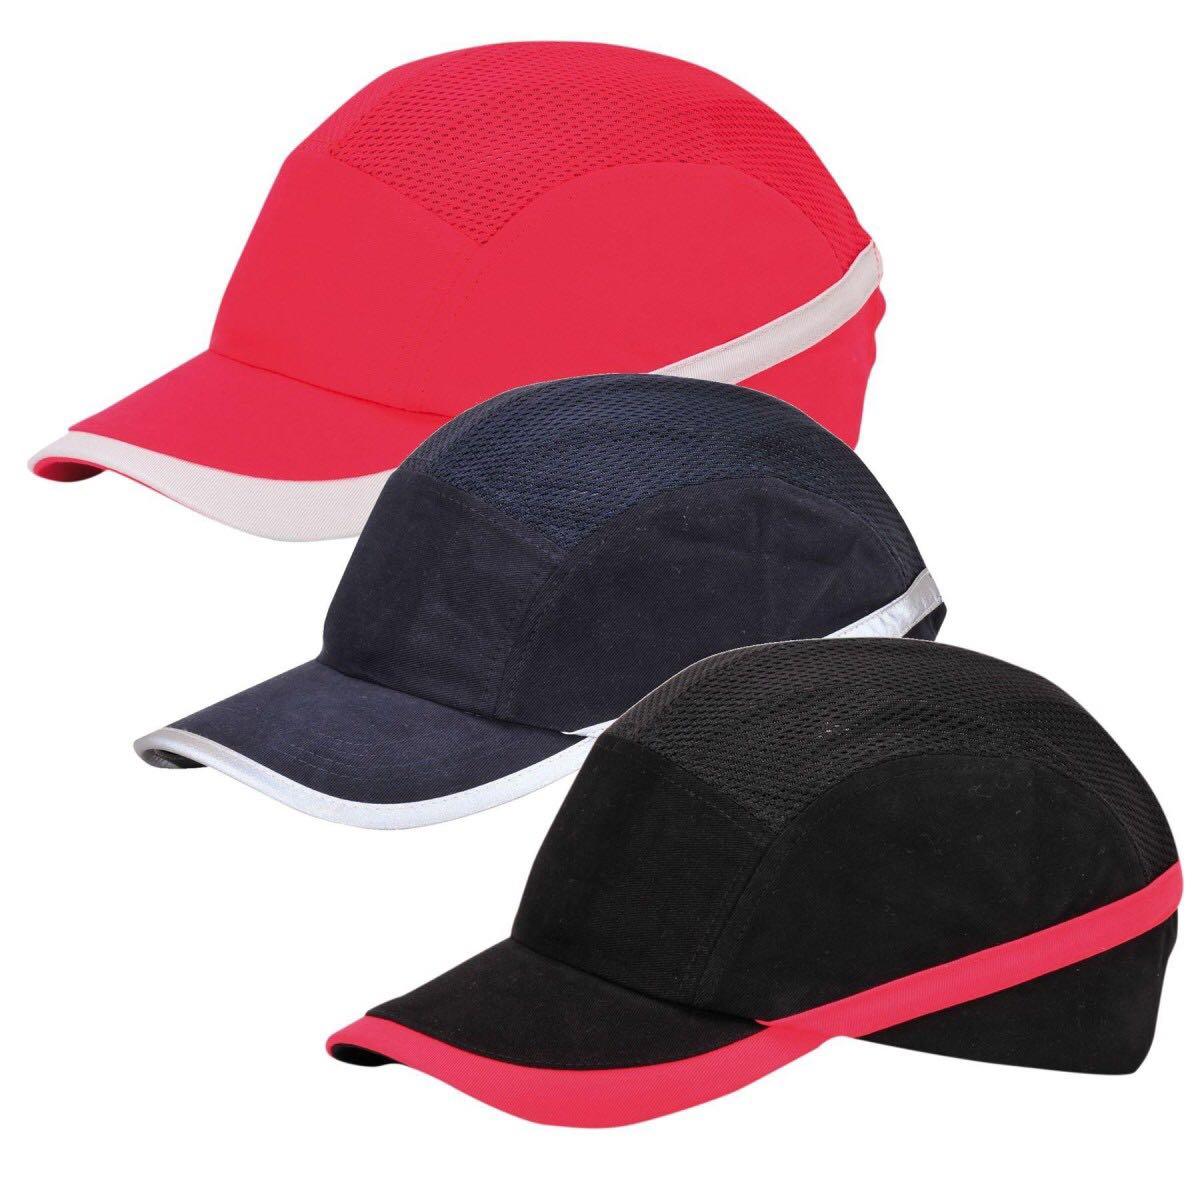 de07e524985 Portwest Protective Bump Cap (Baseball Style Hard Hat) – Kafela ...